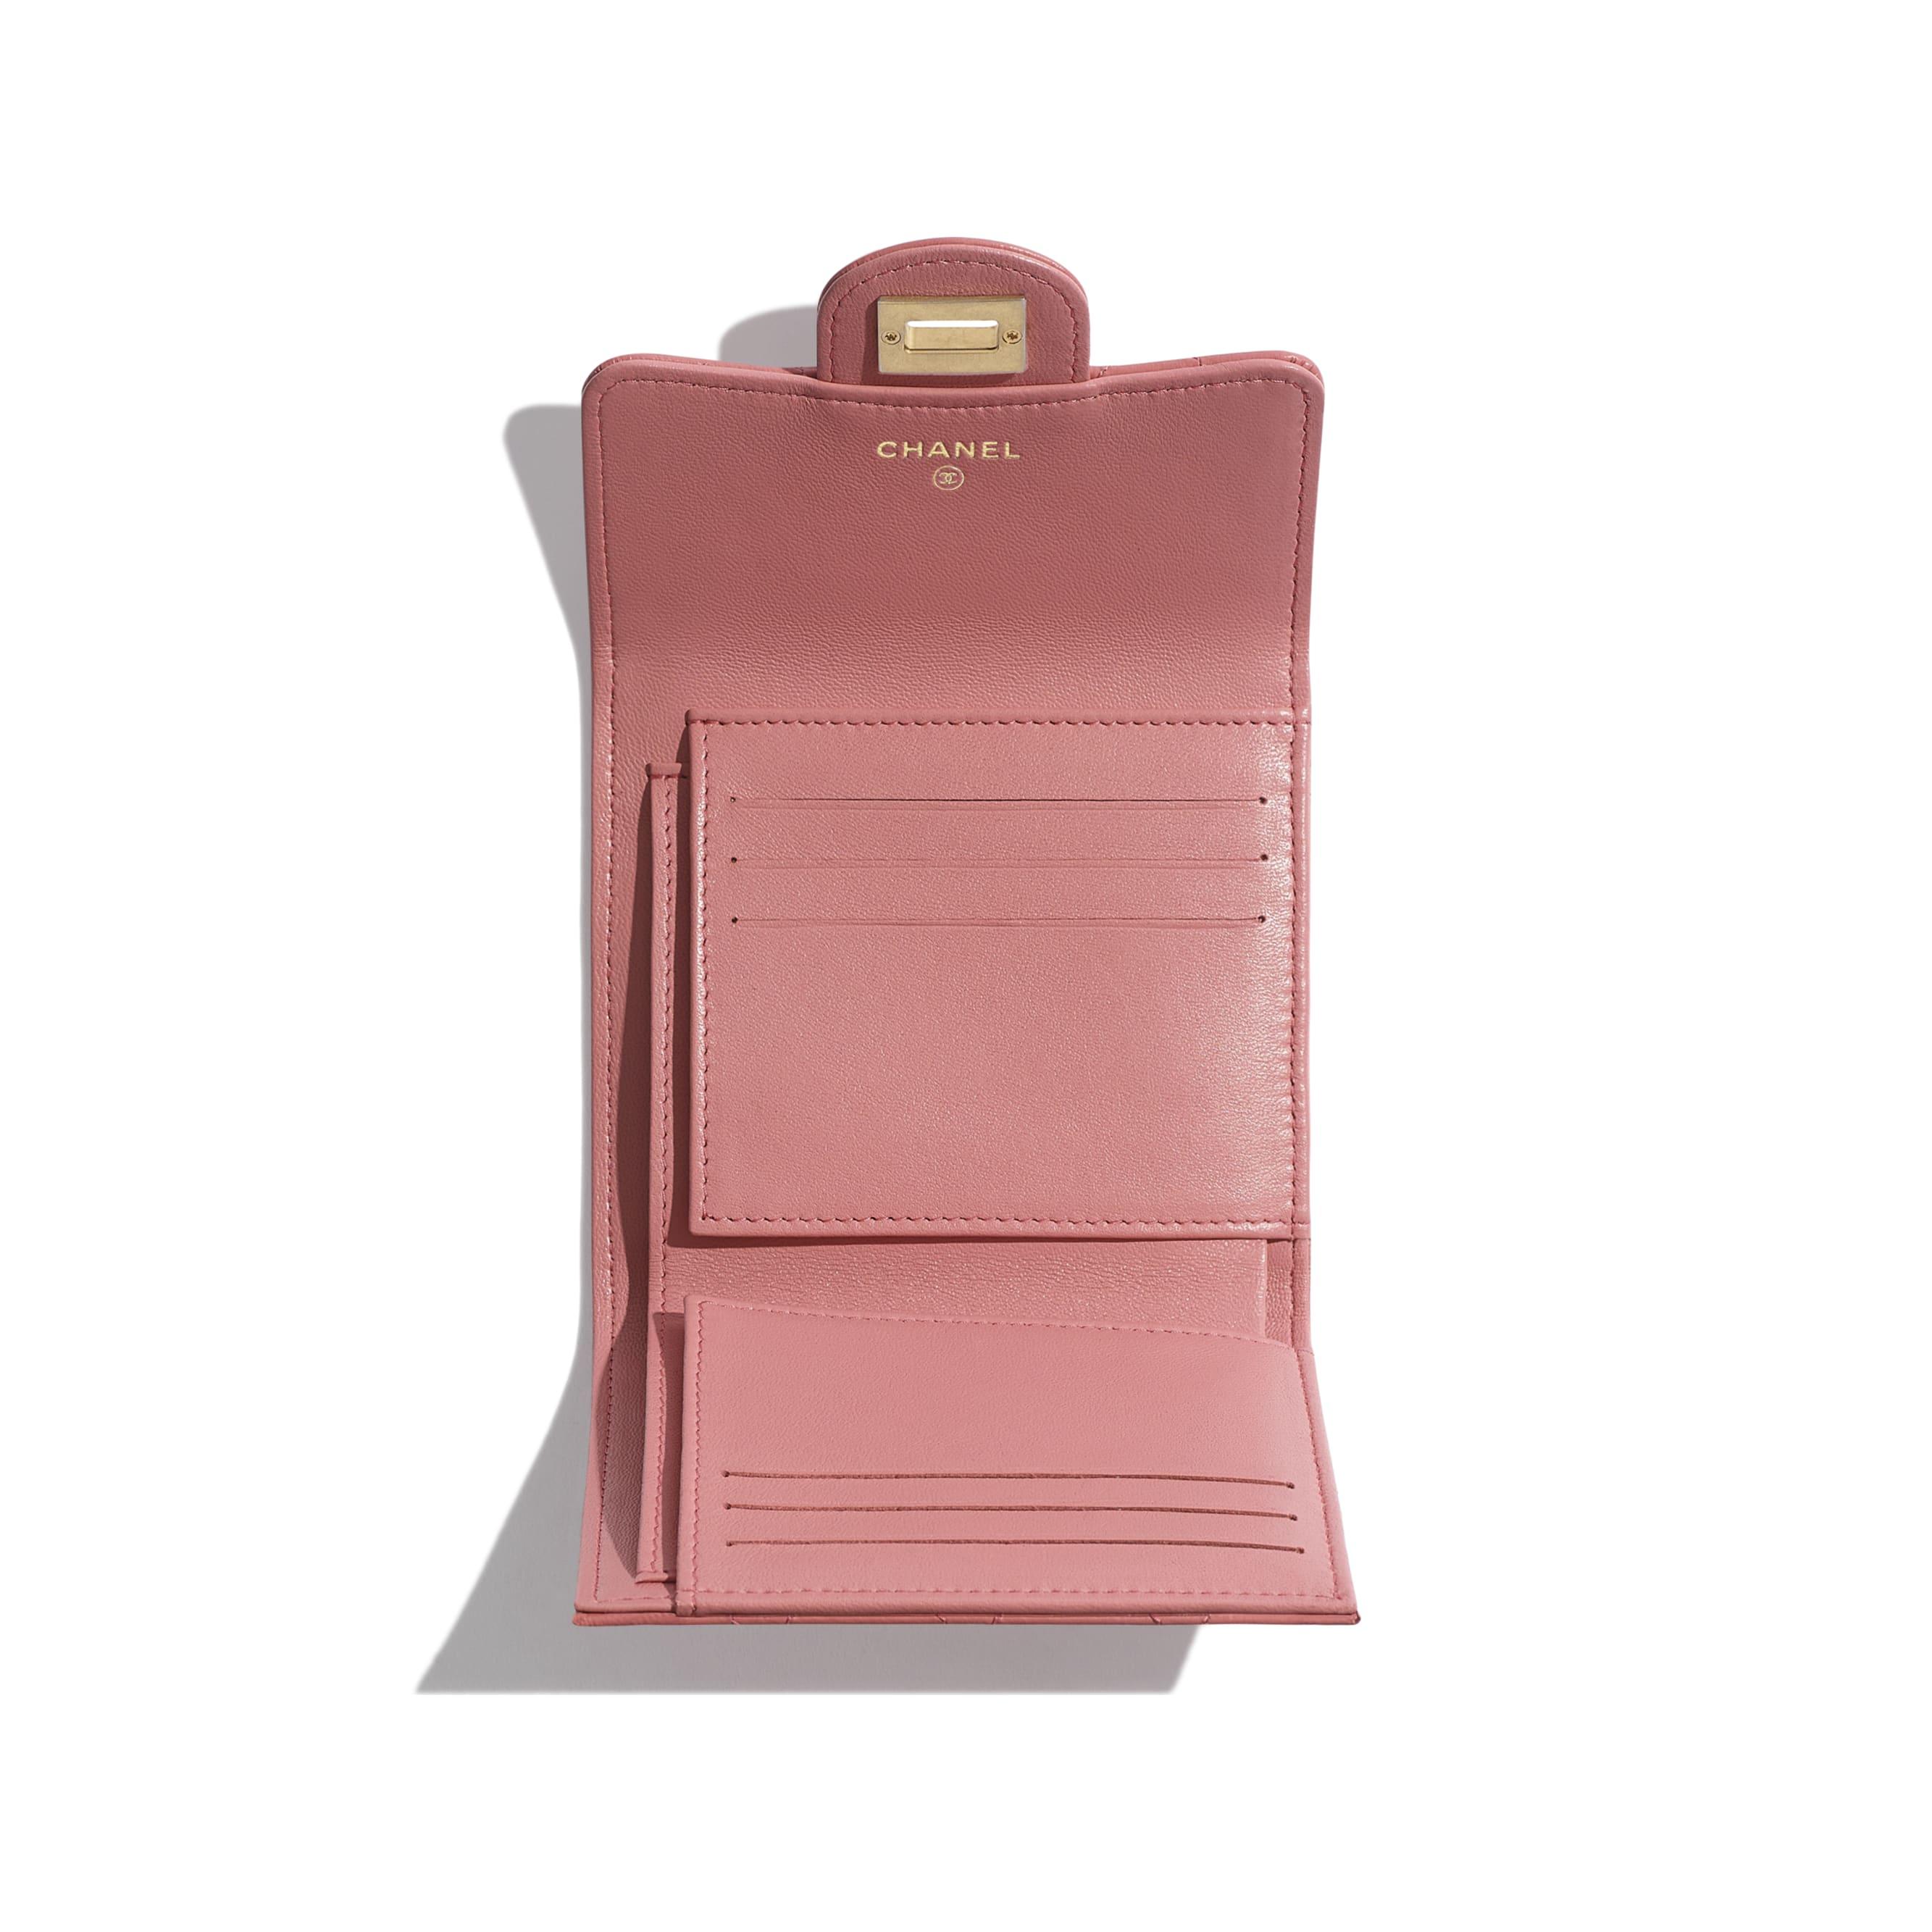 กระเป๋าสตางค์ 2.55 ใบเล็ก - สีชมพู - หนังลูกวัวย่น, โลหะสีทอง - มุมมองอื่น - ดูเวอร์ชันขนาดมาตรฐาน